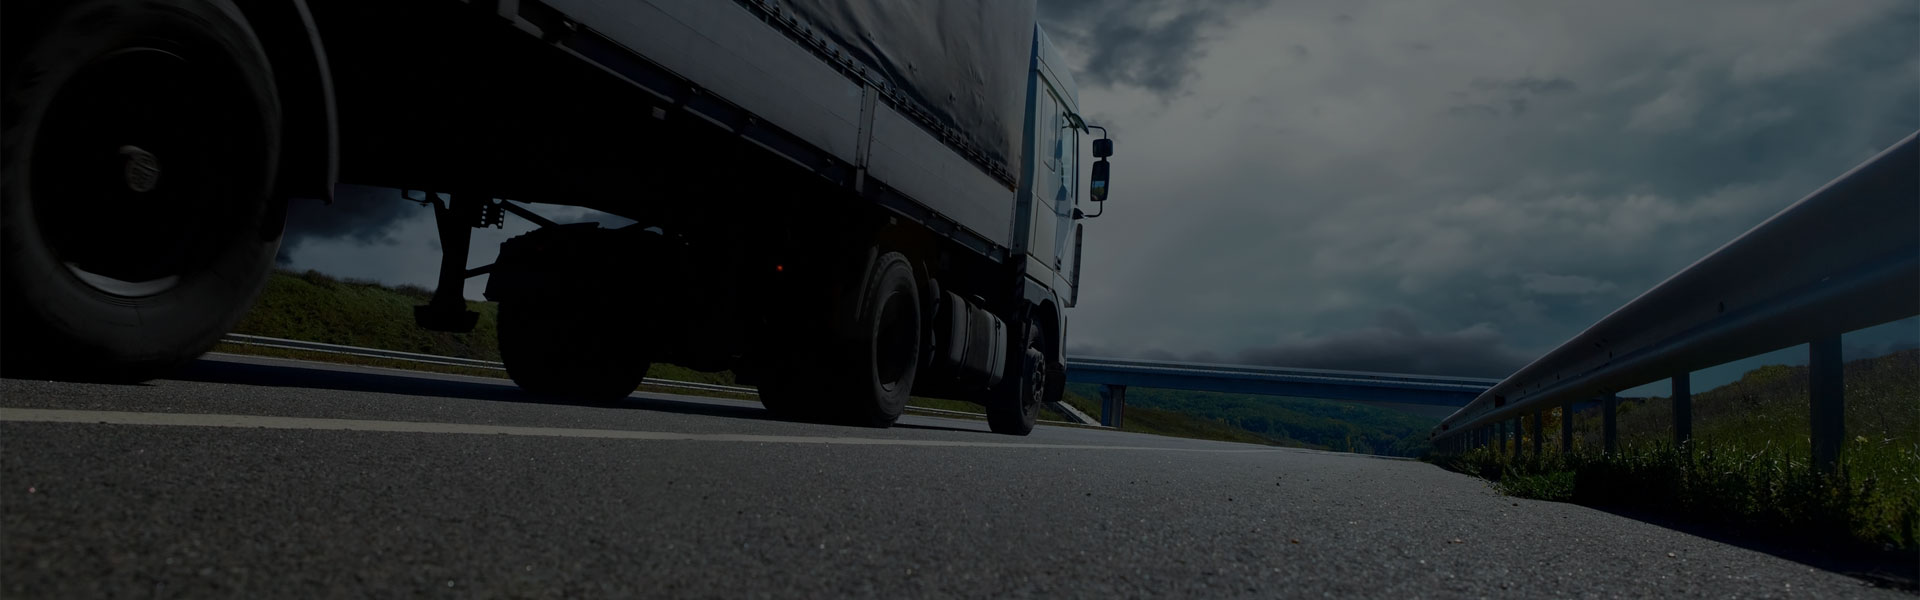 CAMIONNAGE ET SERVICES DE TRANSPORT IMBATTABLES